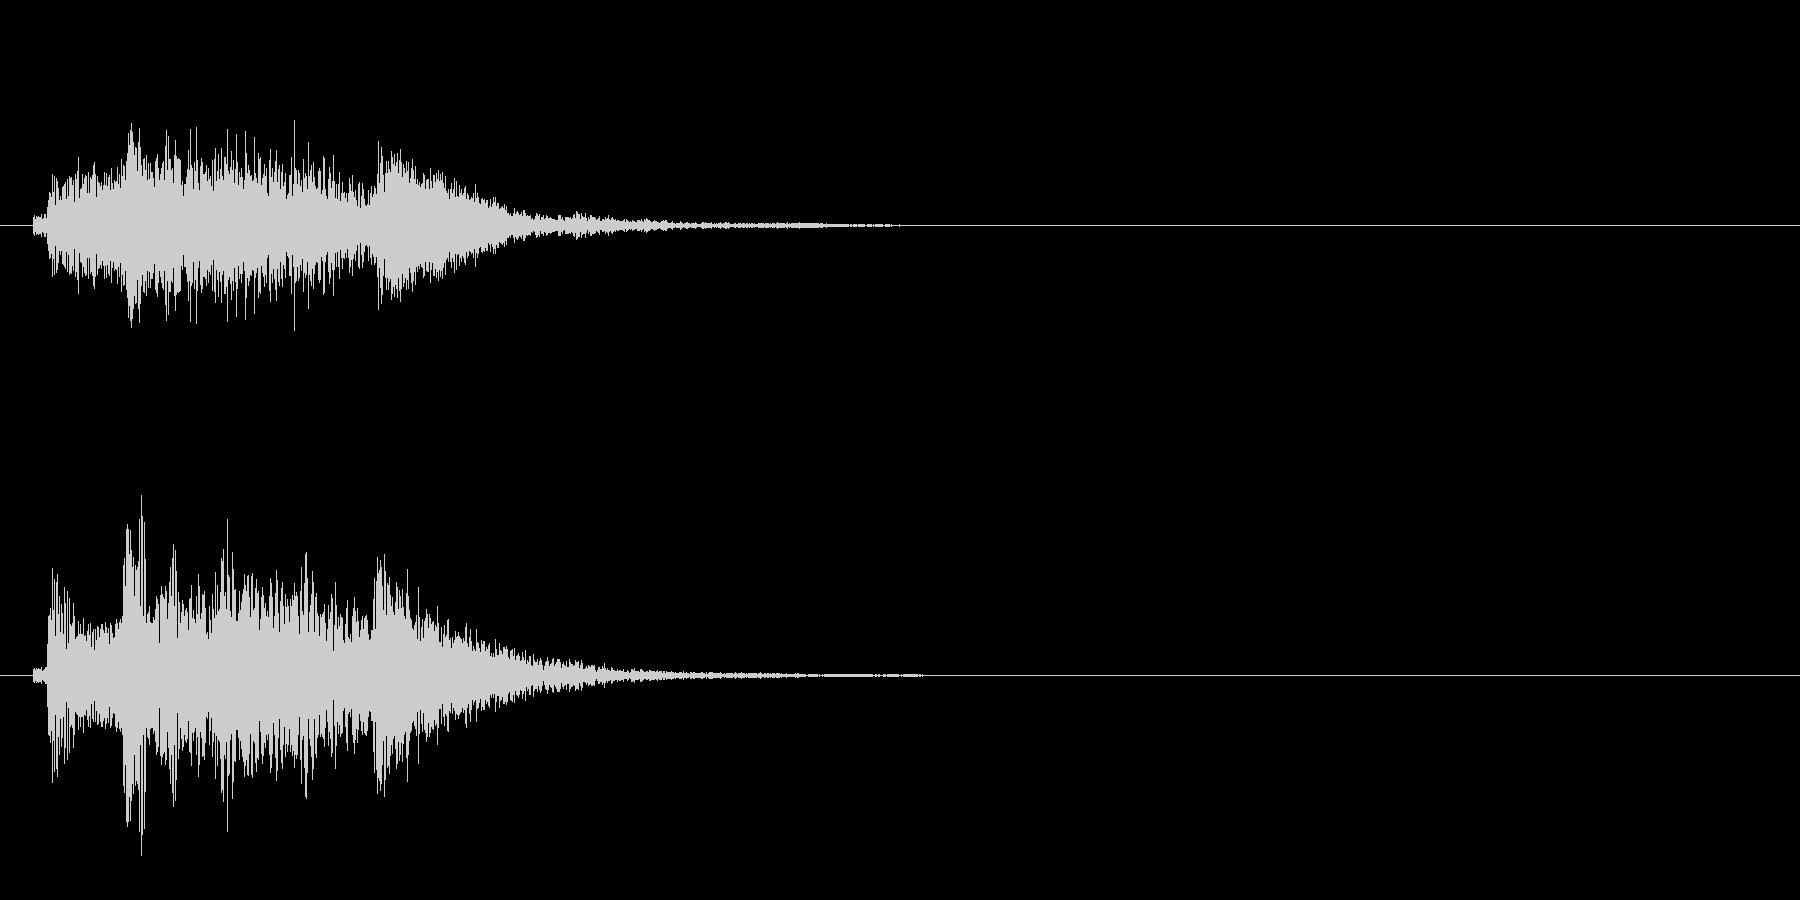 和風3 スタート音 豪華決定音の未再生の波形